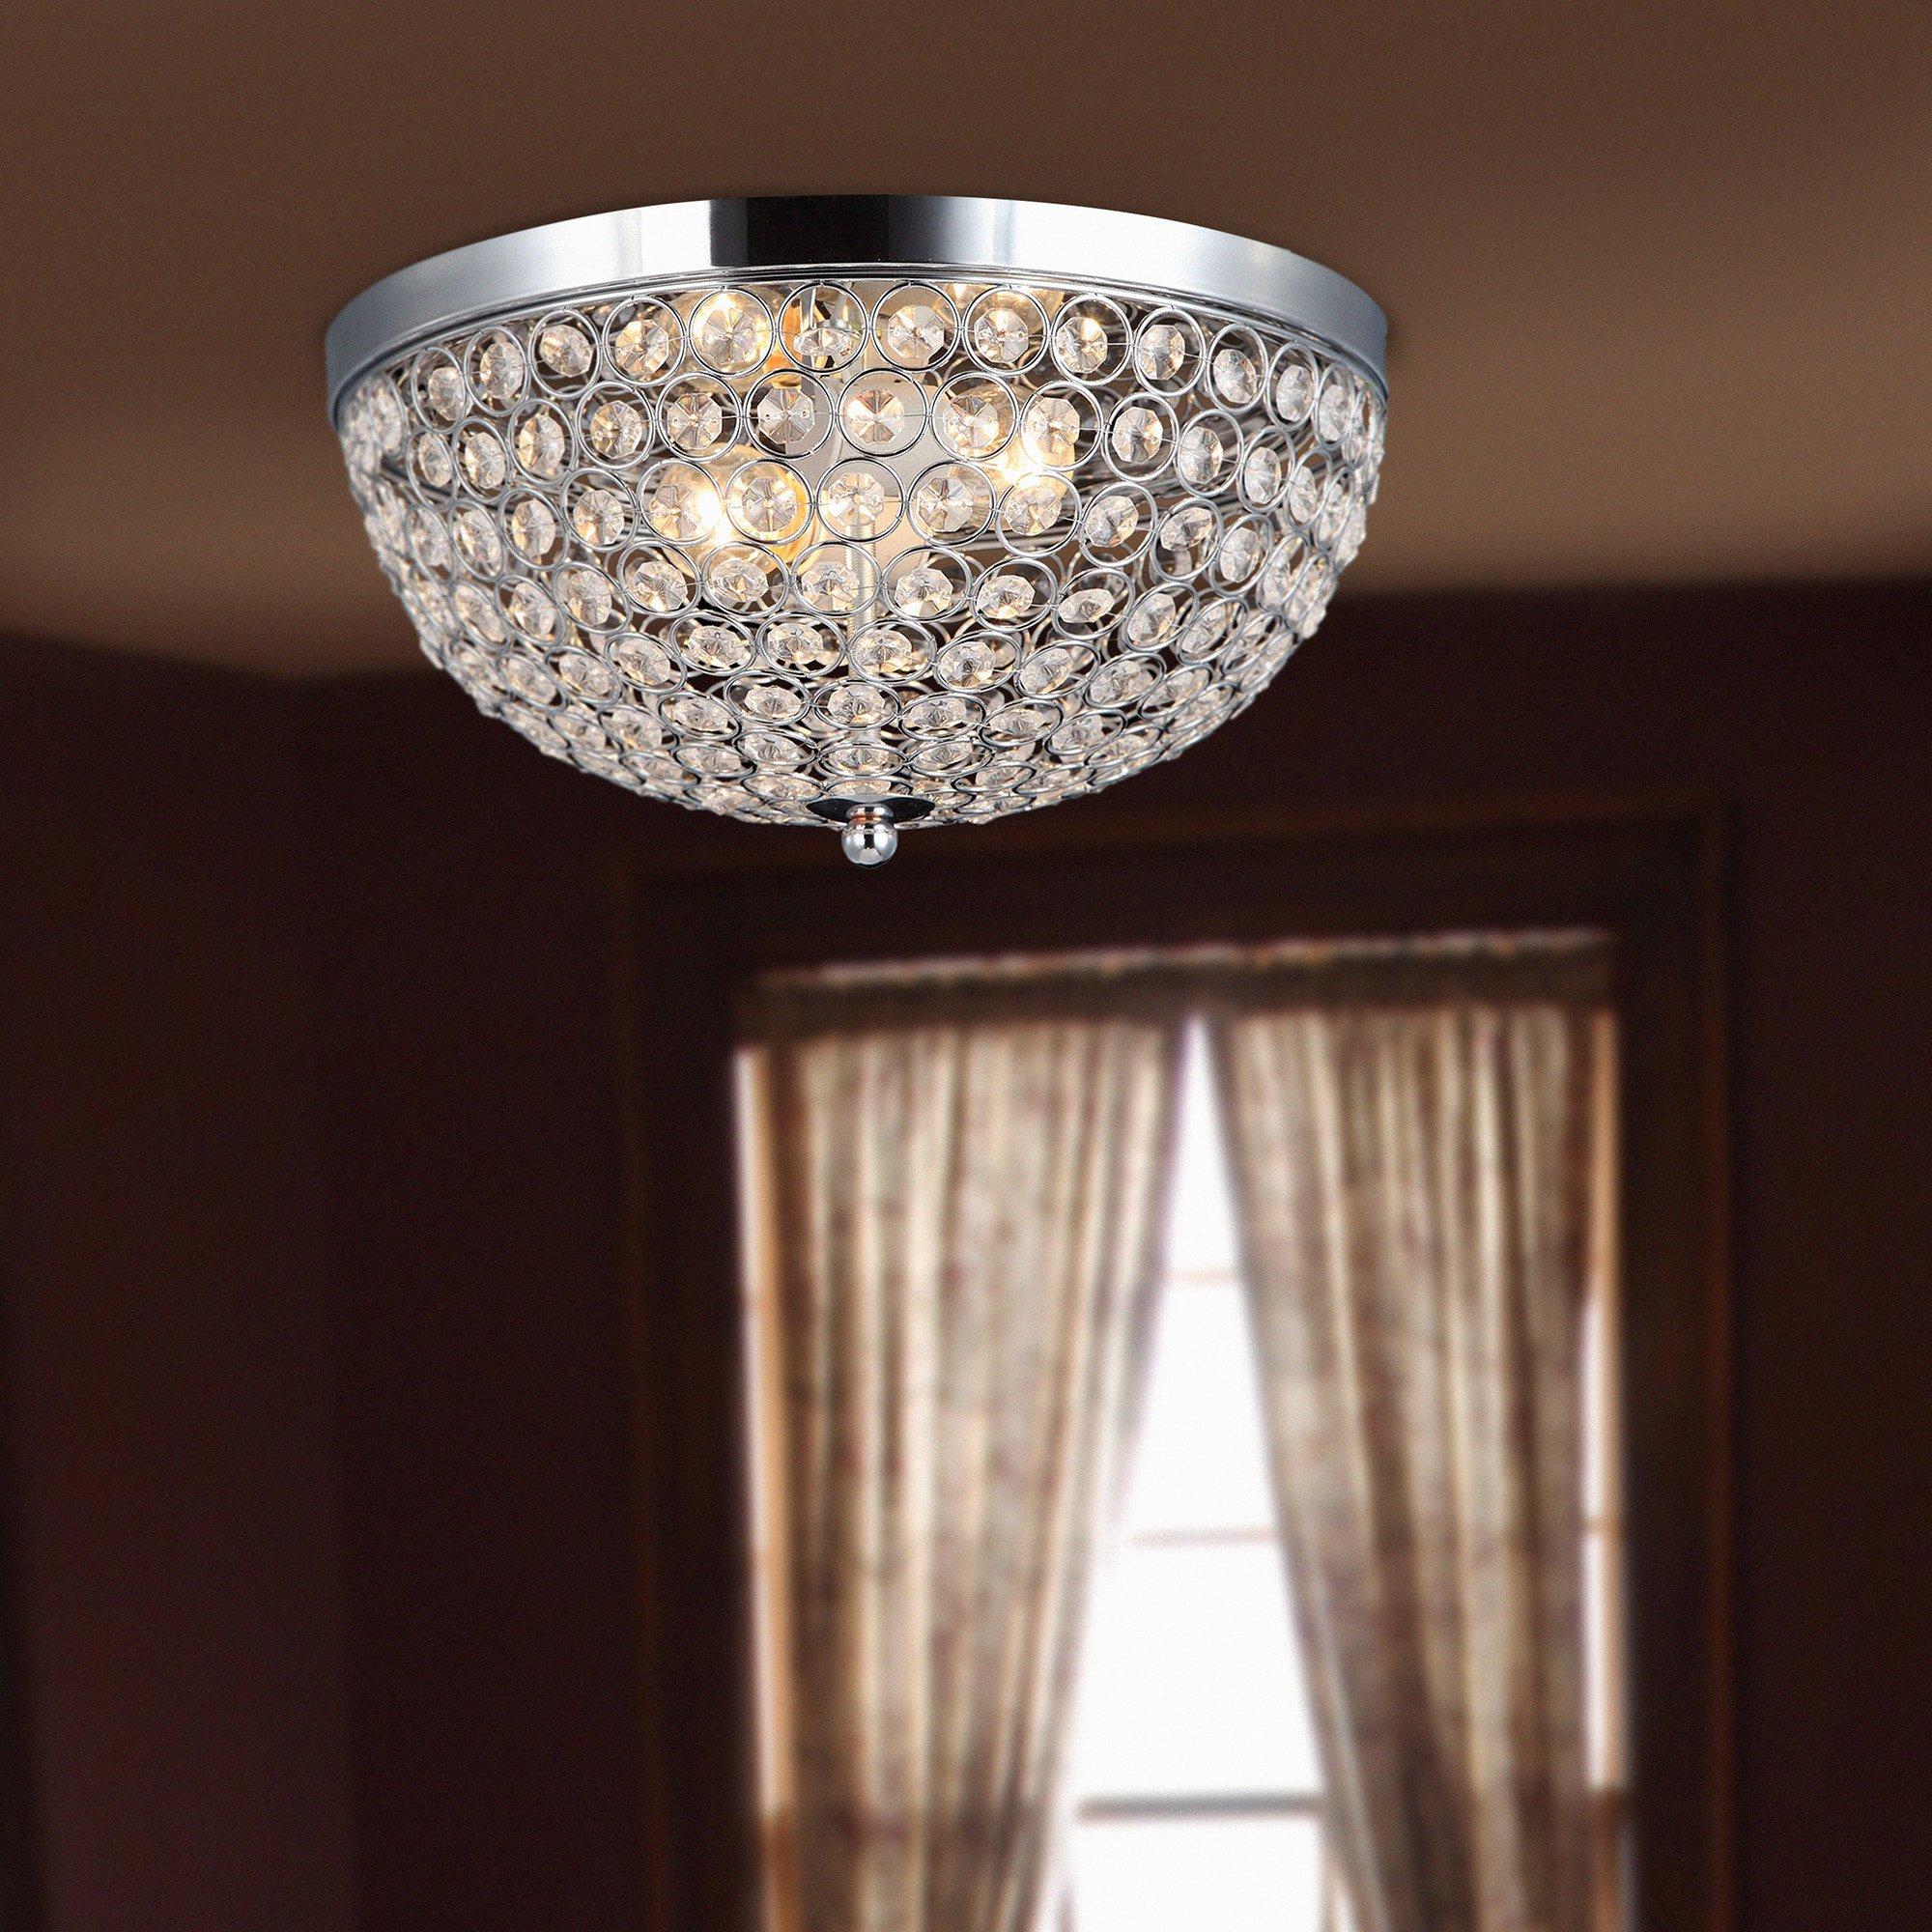 Elegant Designs FM1000-CHR Elipse Crystal 2 Light Ceiling Flush Mount, Chrome by Elegant Designs (Image #2)